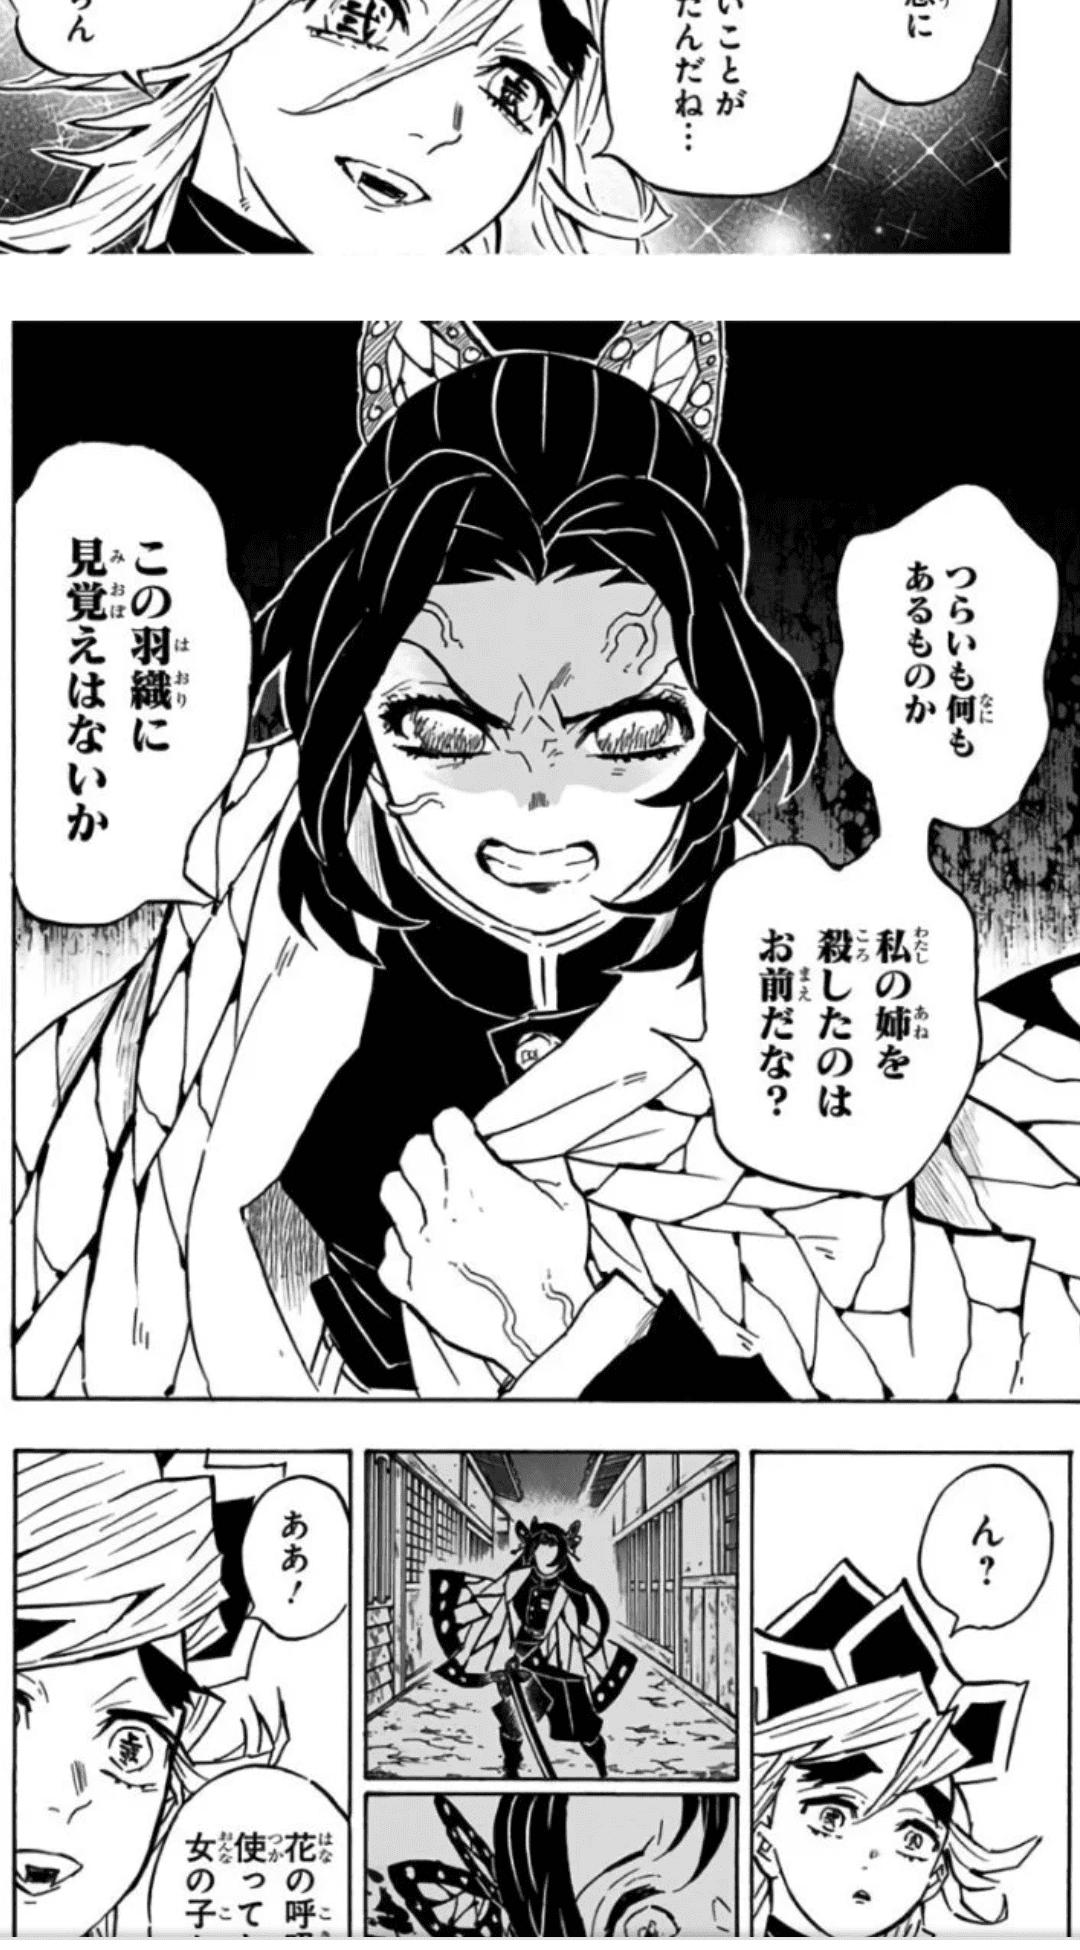 「つらいも何もあるものか。私の姉を殺したのはお前だな?この羽織に見覚えはないか」